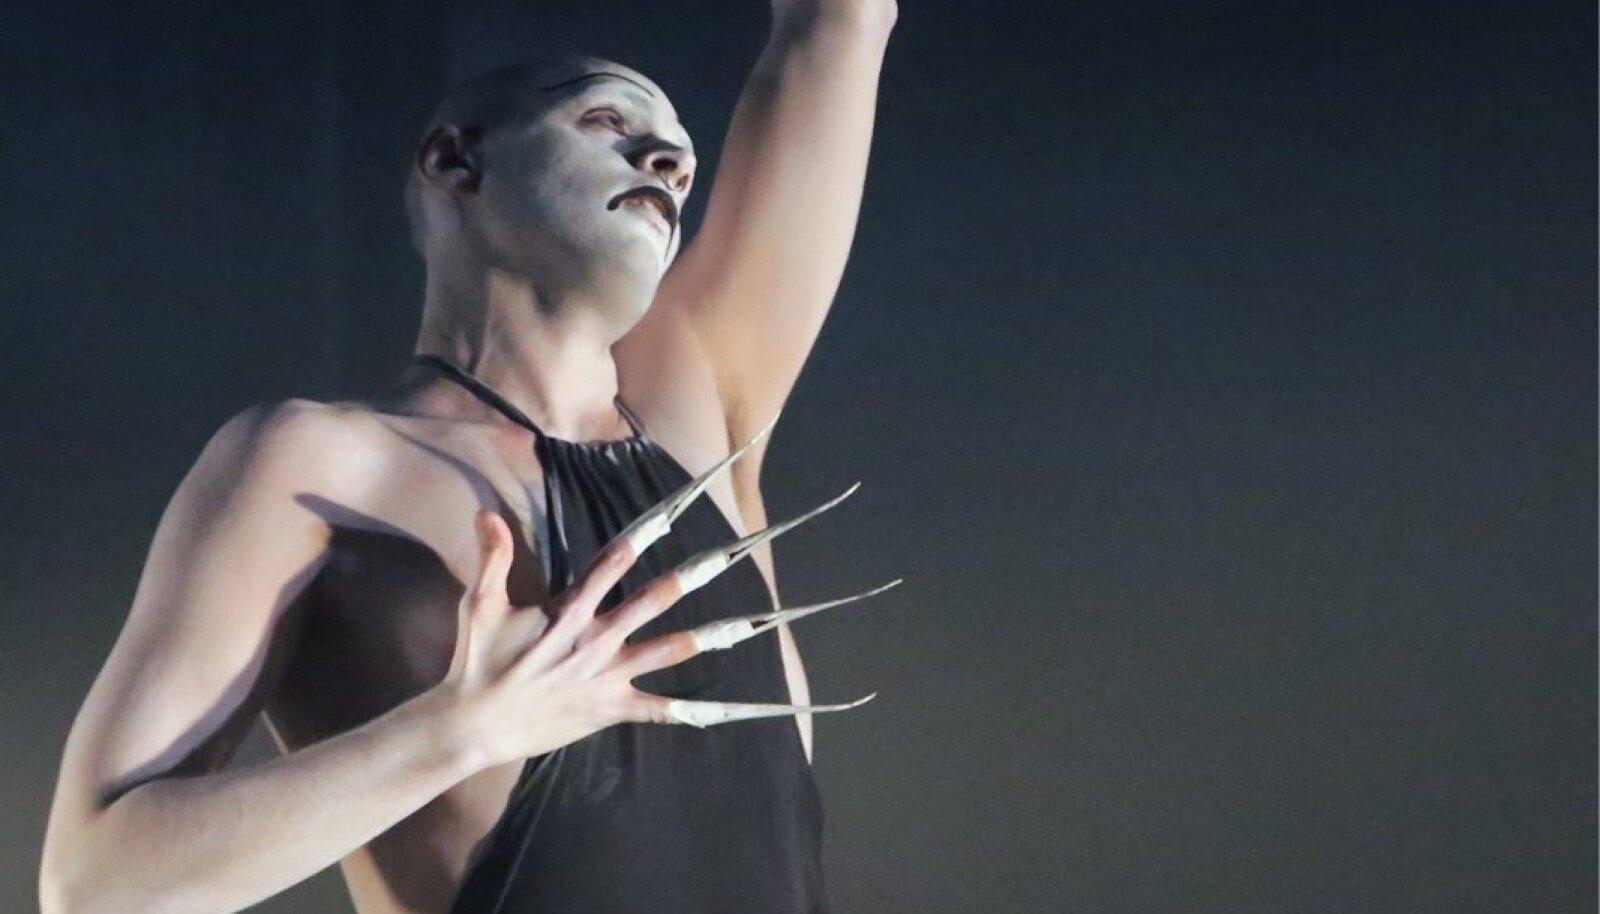 """RENE KÖSTERI """"TZION"""": Rene Köster mõjus oma esimeses soololavastuses selgelt, intensiivselt, kommunikatiivselt ja veenvalt."""